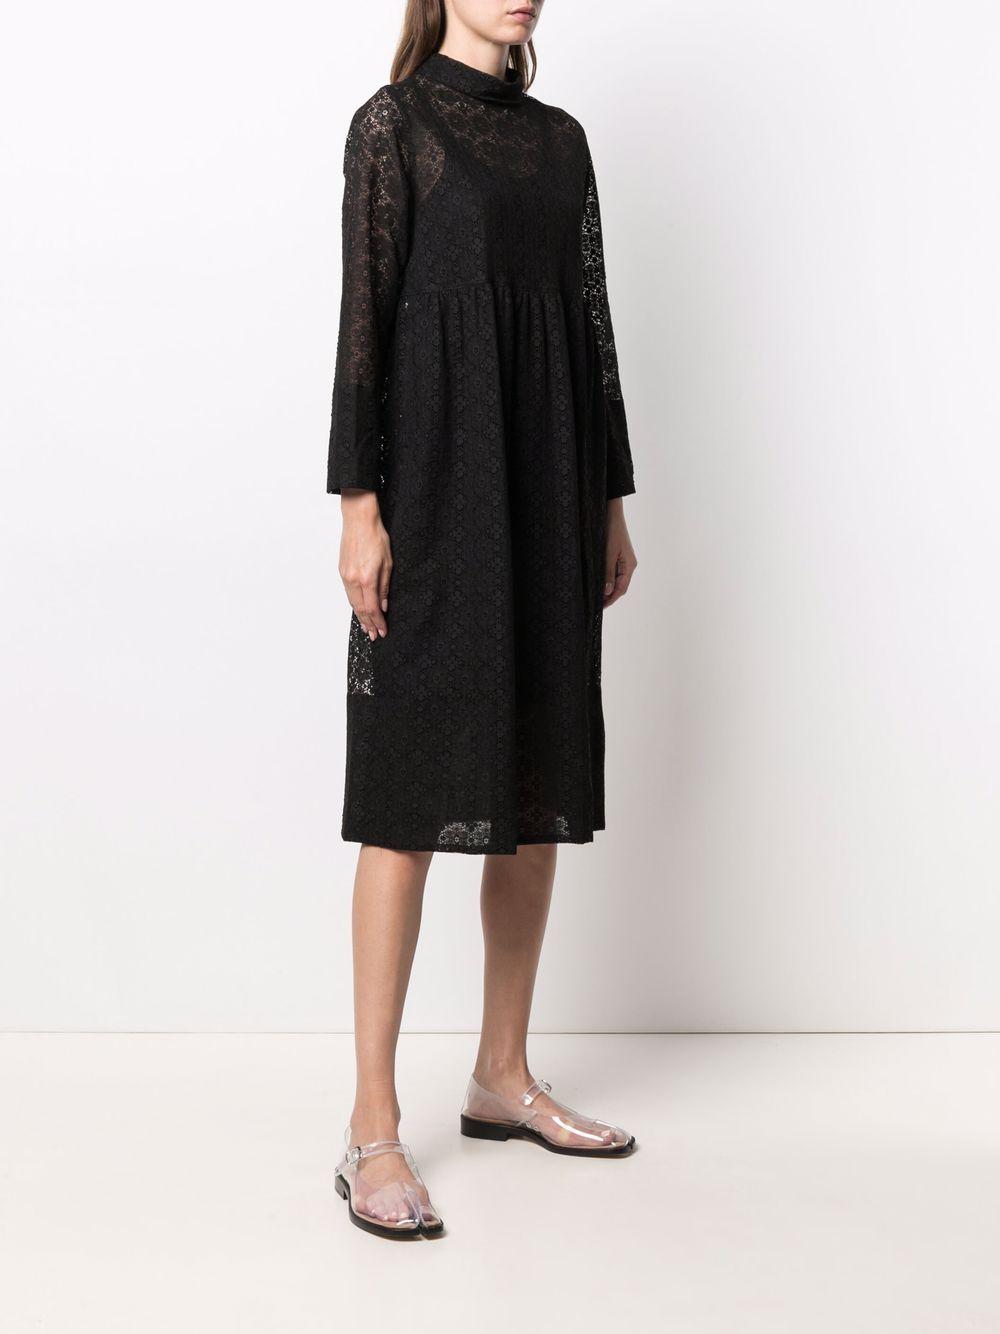 COMME DES GARCONS TRICOT | Dress | TG-O013-0511